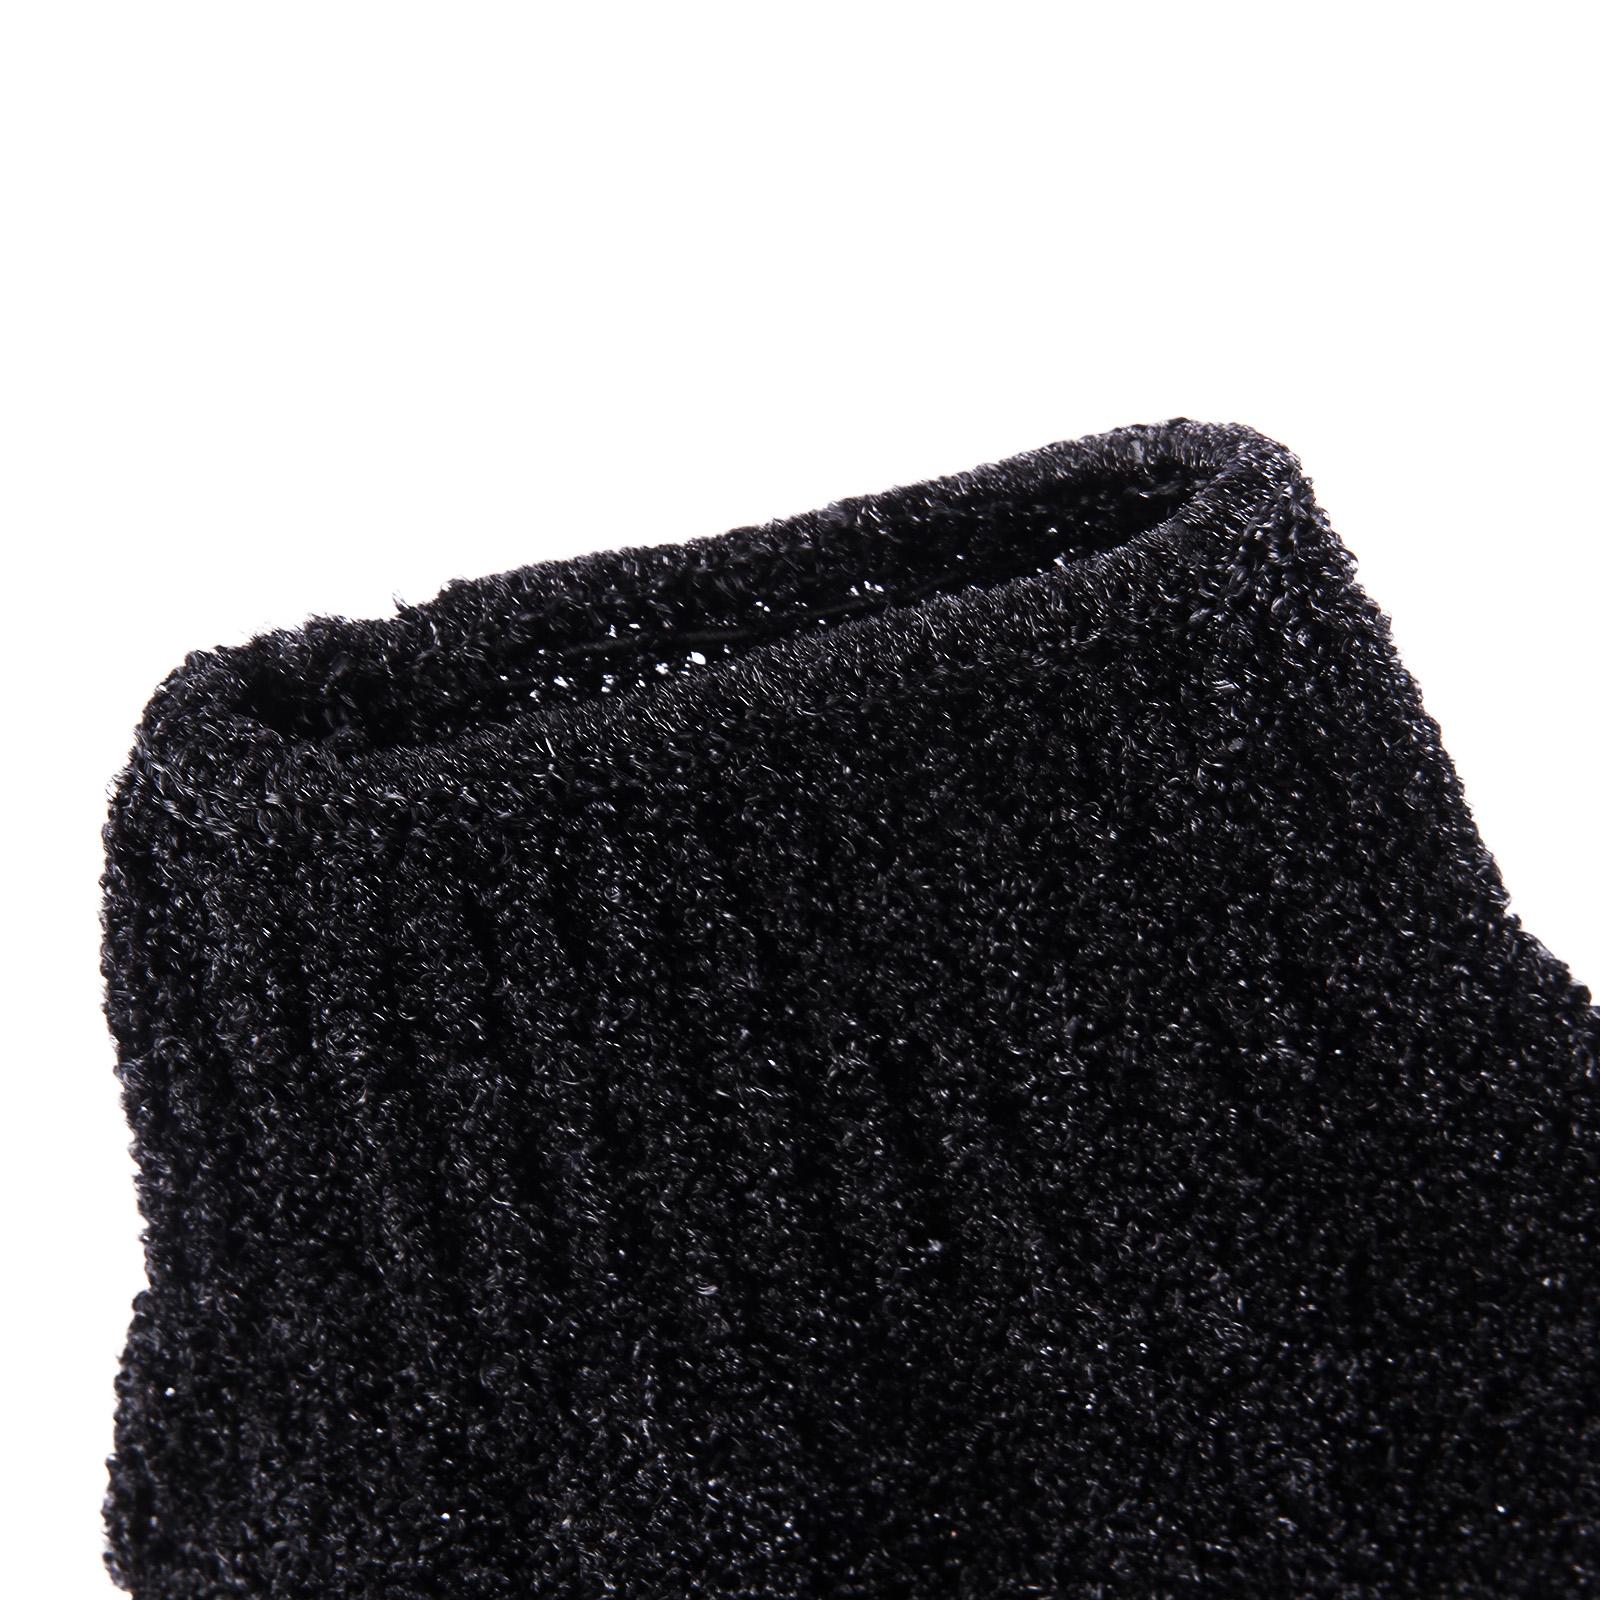 Nero nylon guanto protettivo isolante termico per - Materiale isolante termico ...